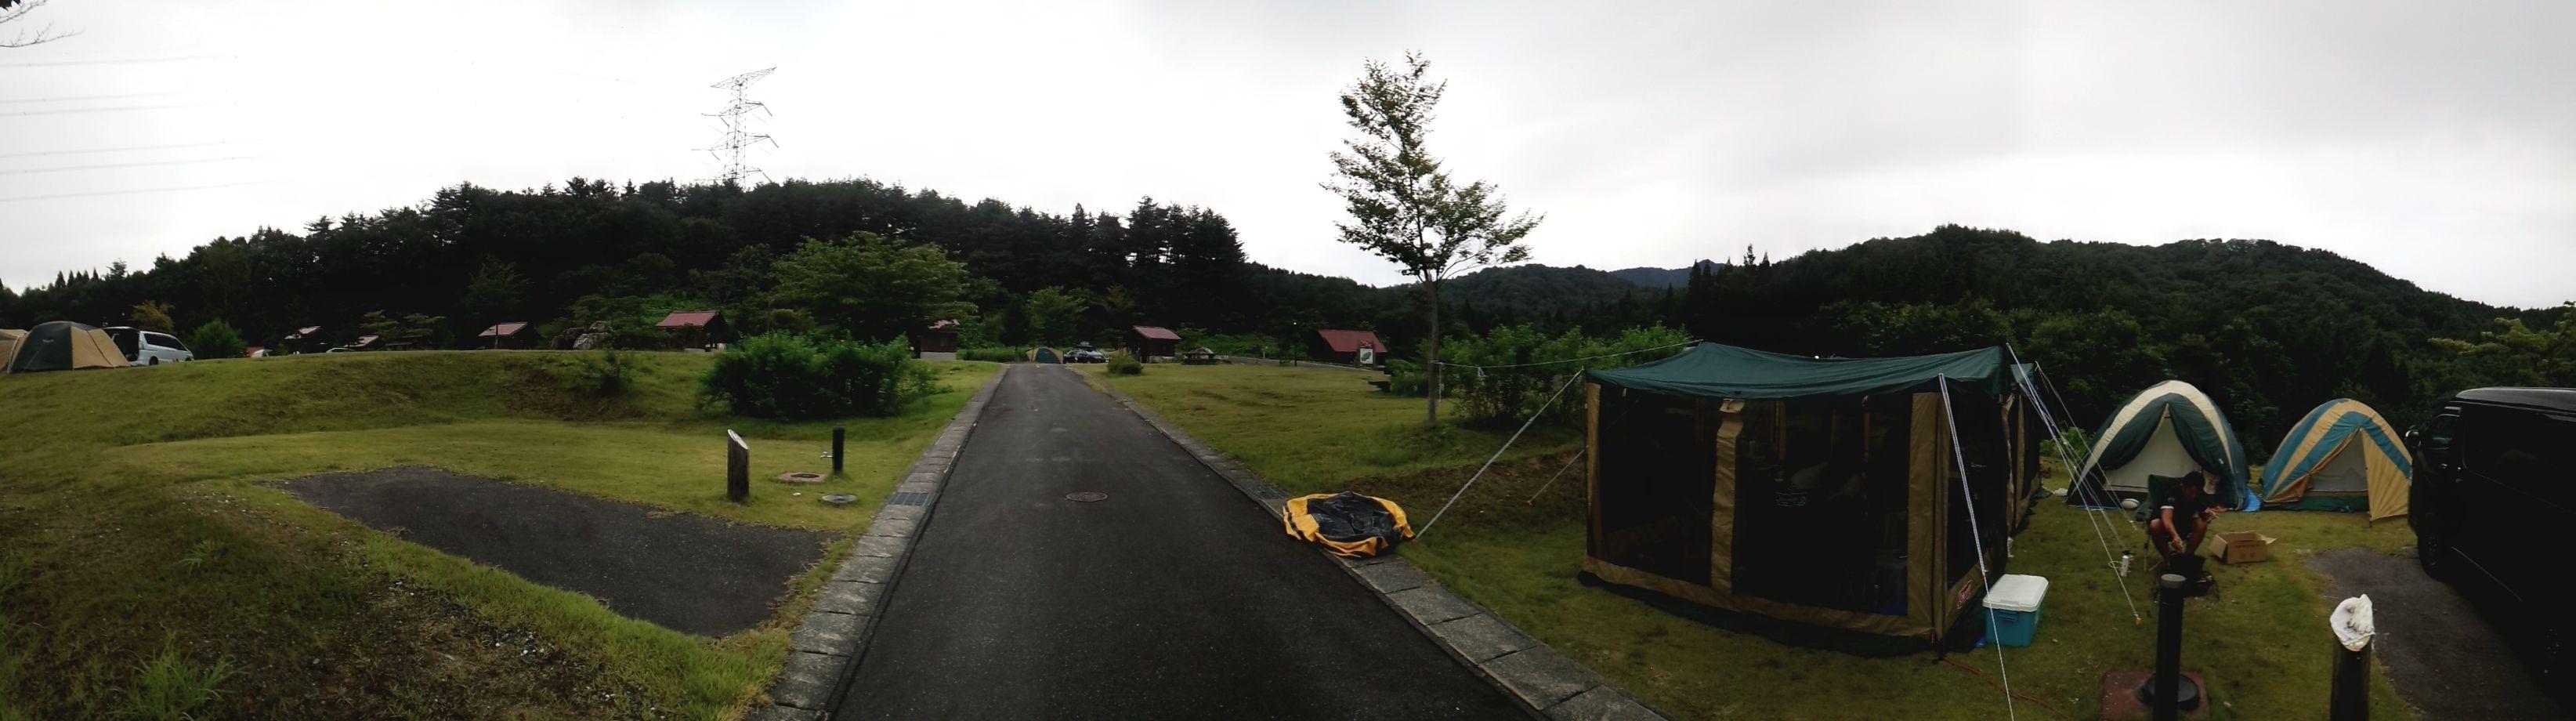 場 キャンプ 大石 オート